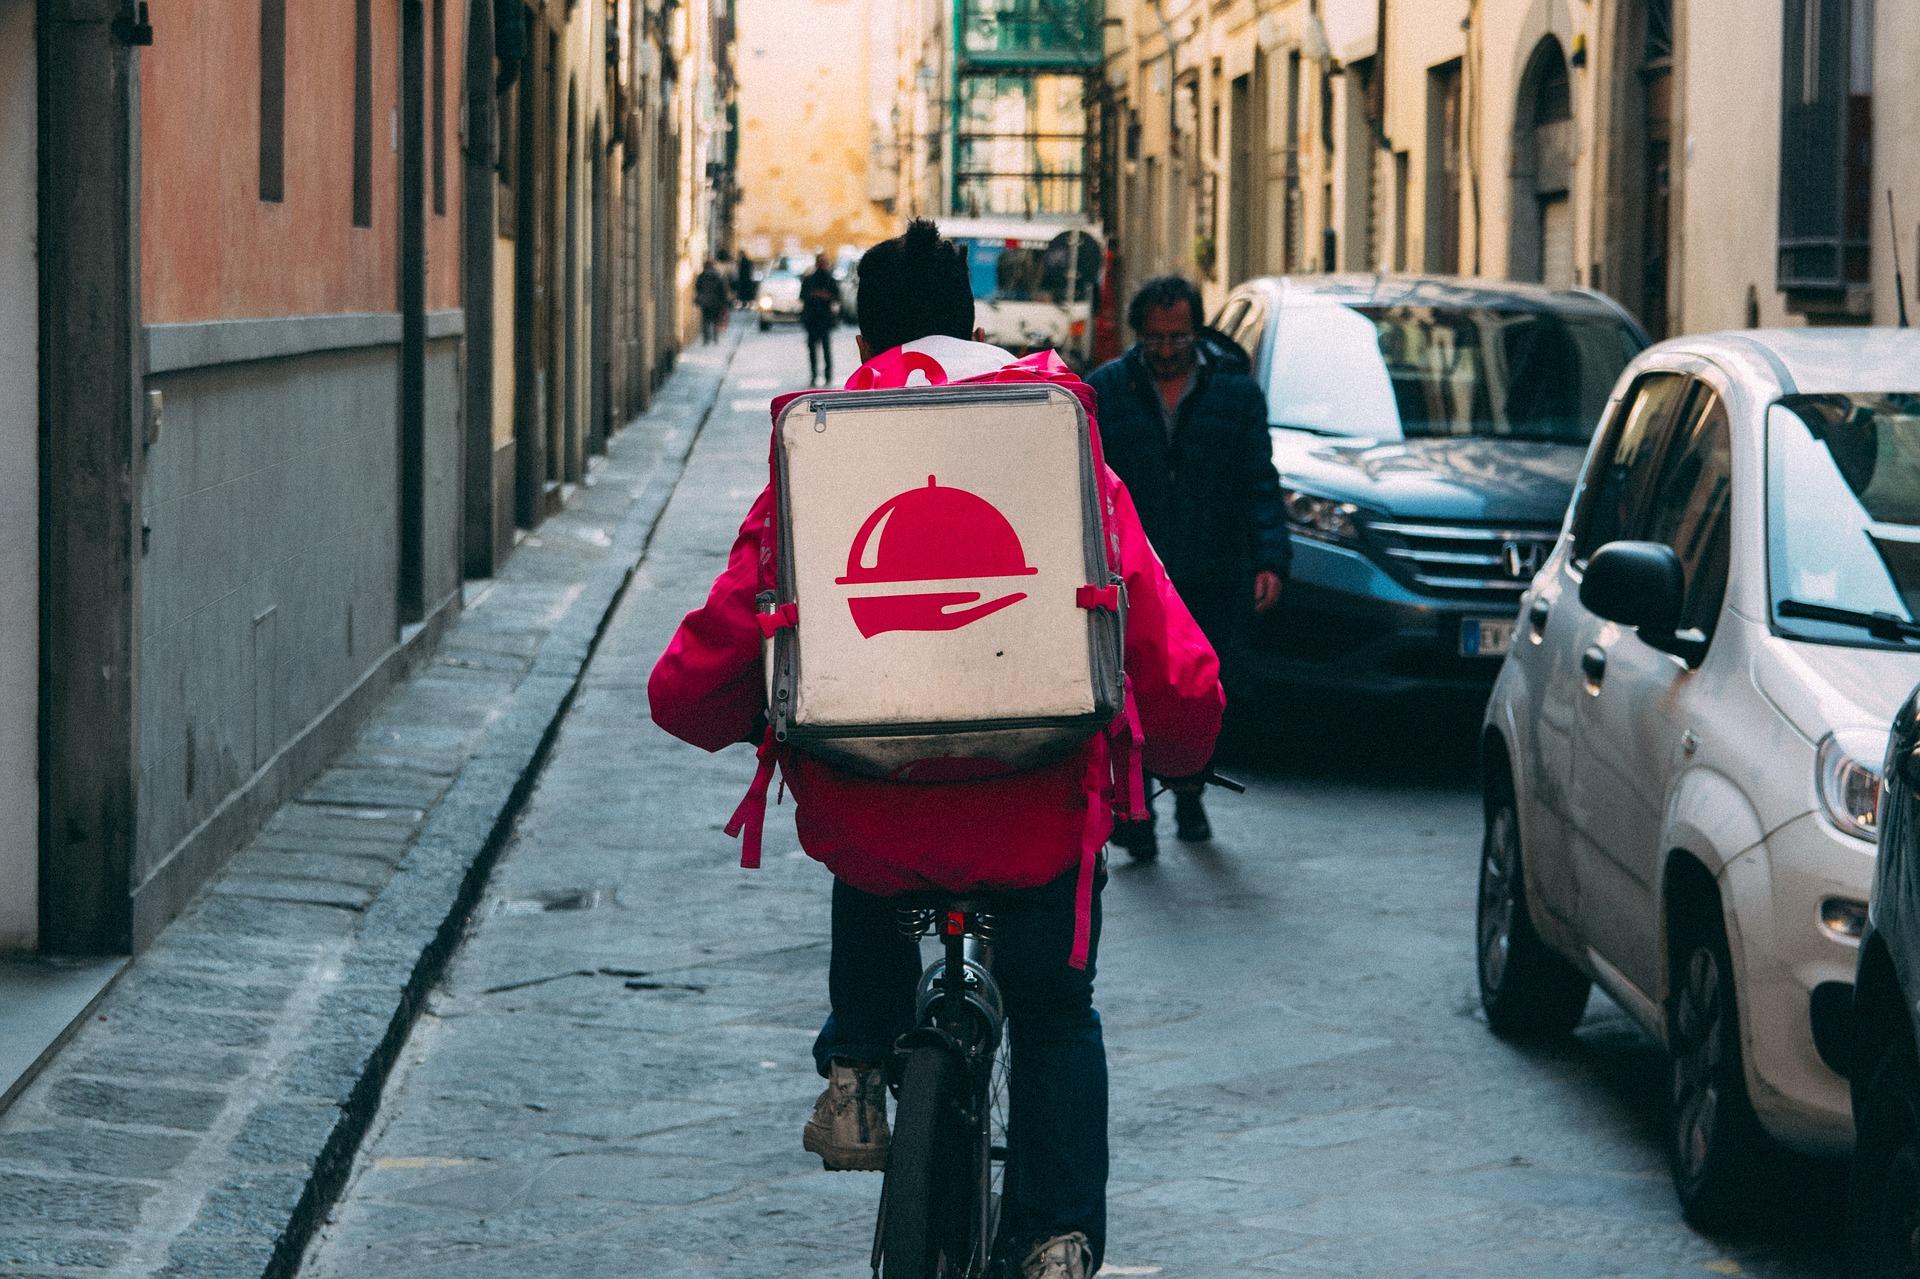 ¿La plataforma del tranvía?: Utilizar las plataformas de comercio electrónico para abordar nuevas decisiones en una época de incertidumbre